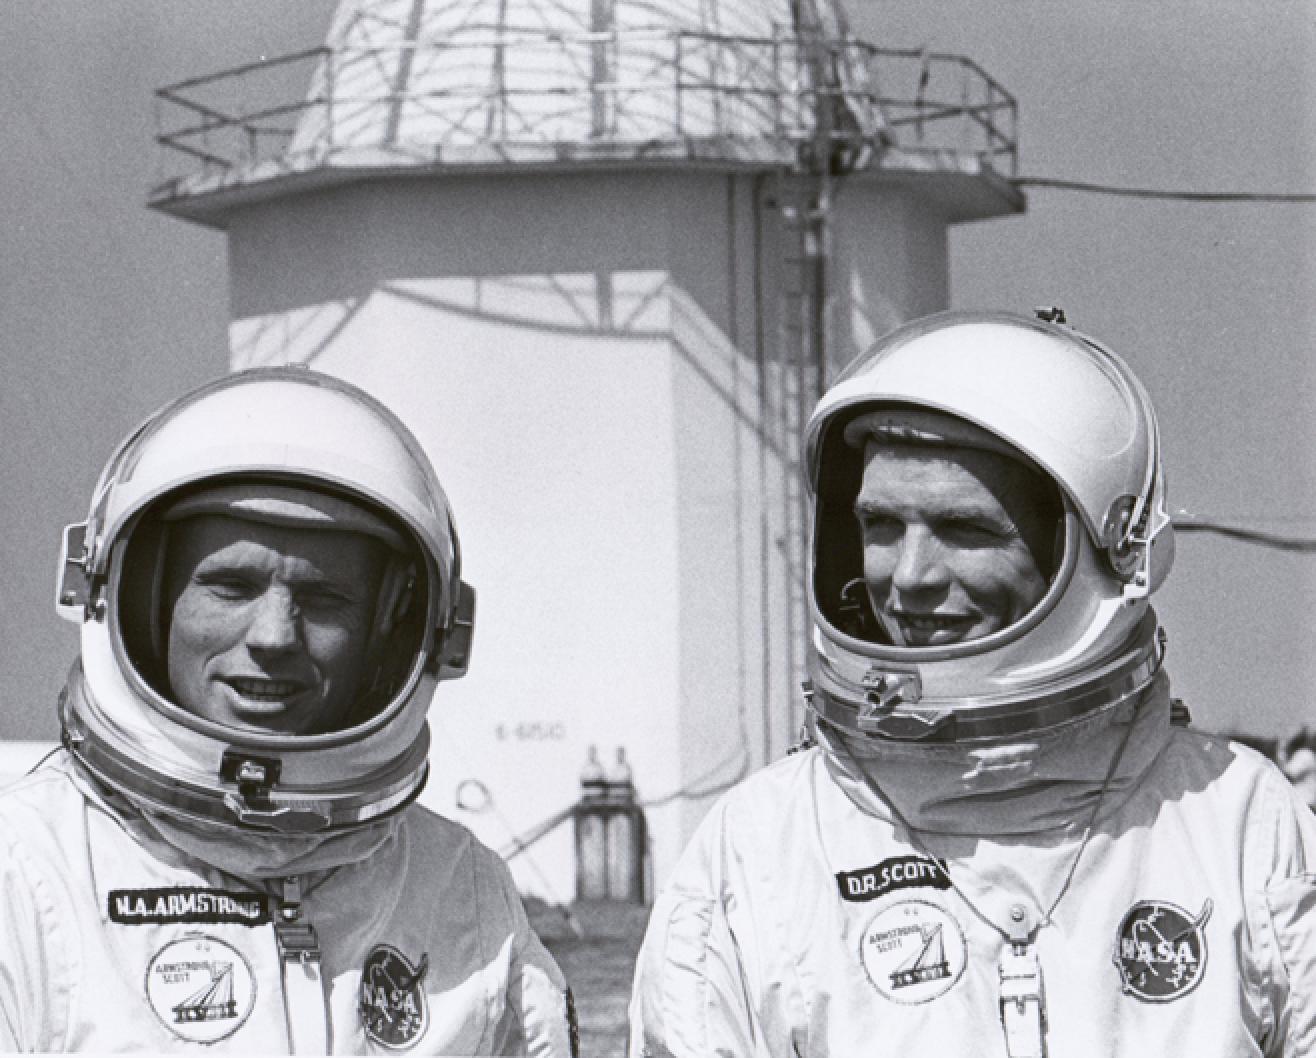 Grant Zahajko navigates important Oct. 1 NASA, space and aviation auction